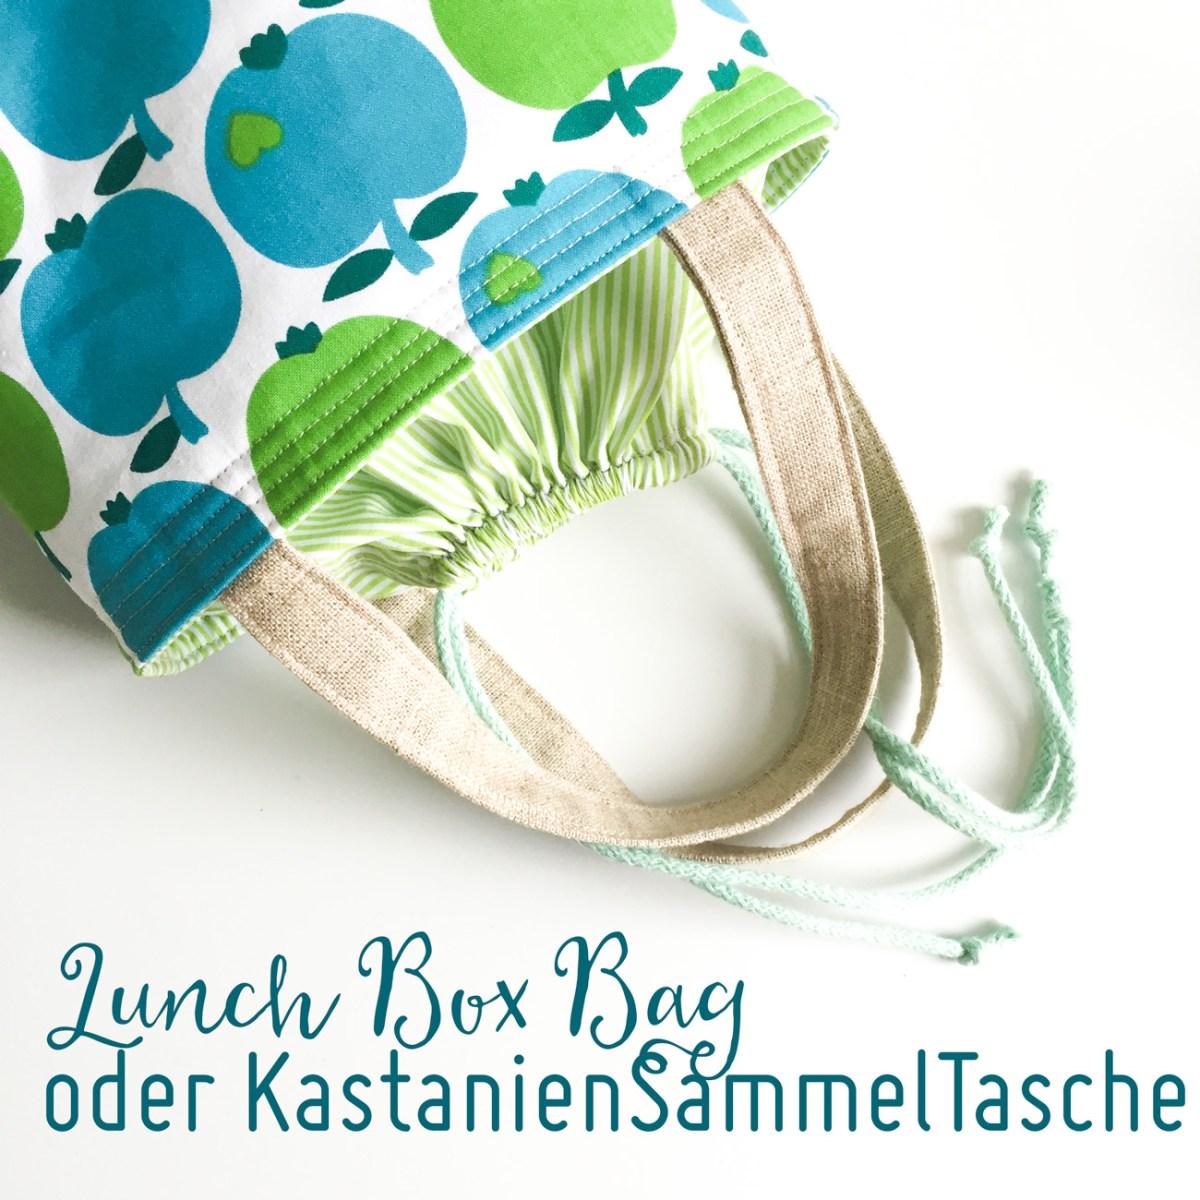 Neue Lunch Box Bag oder aber die weltbeste Kastaniensammeltasche - Gewinnspiel